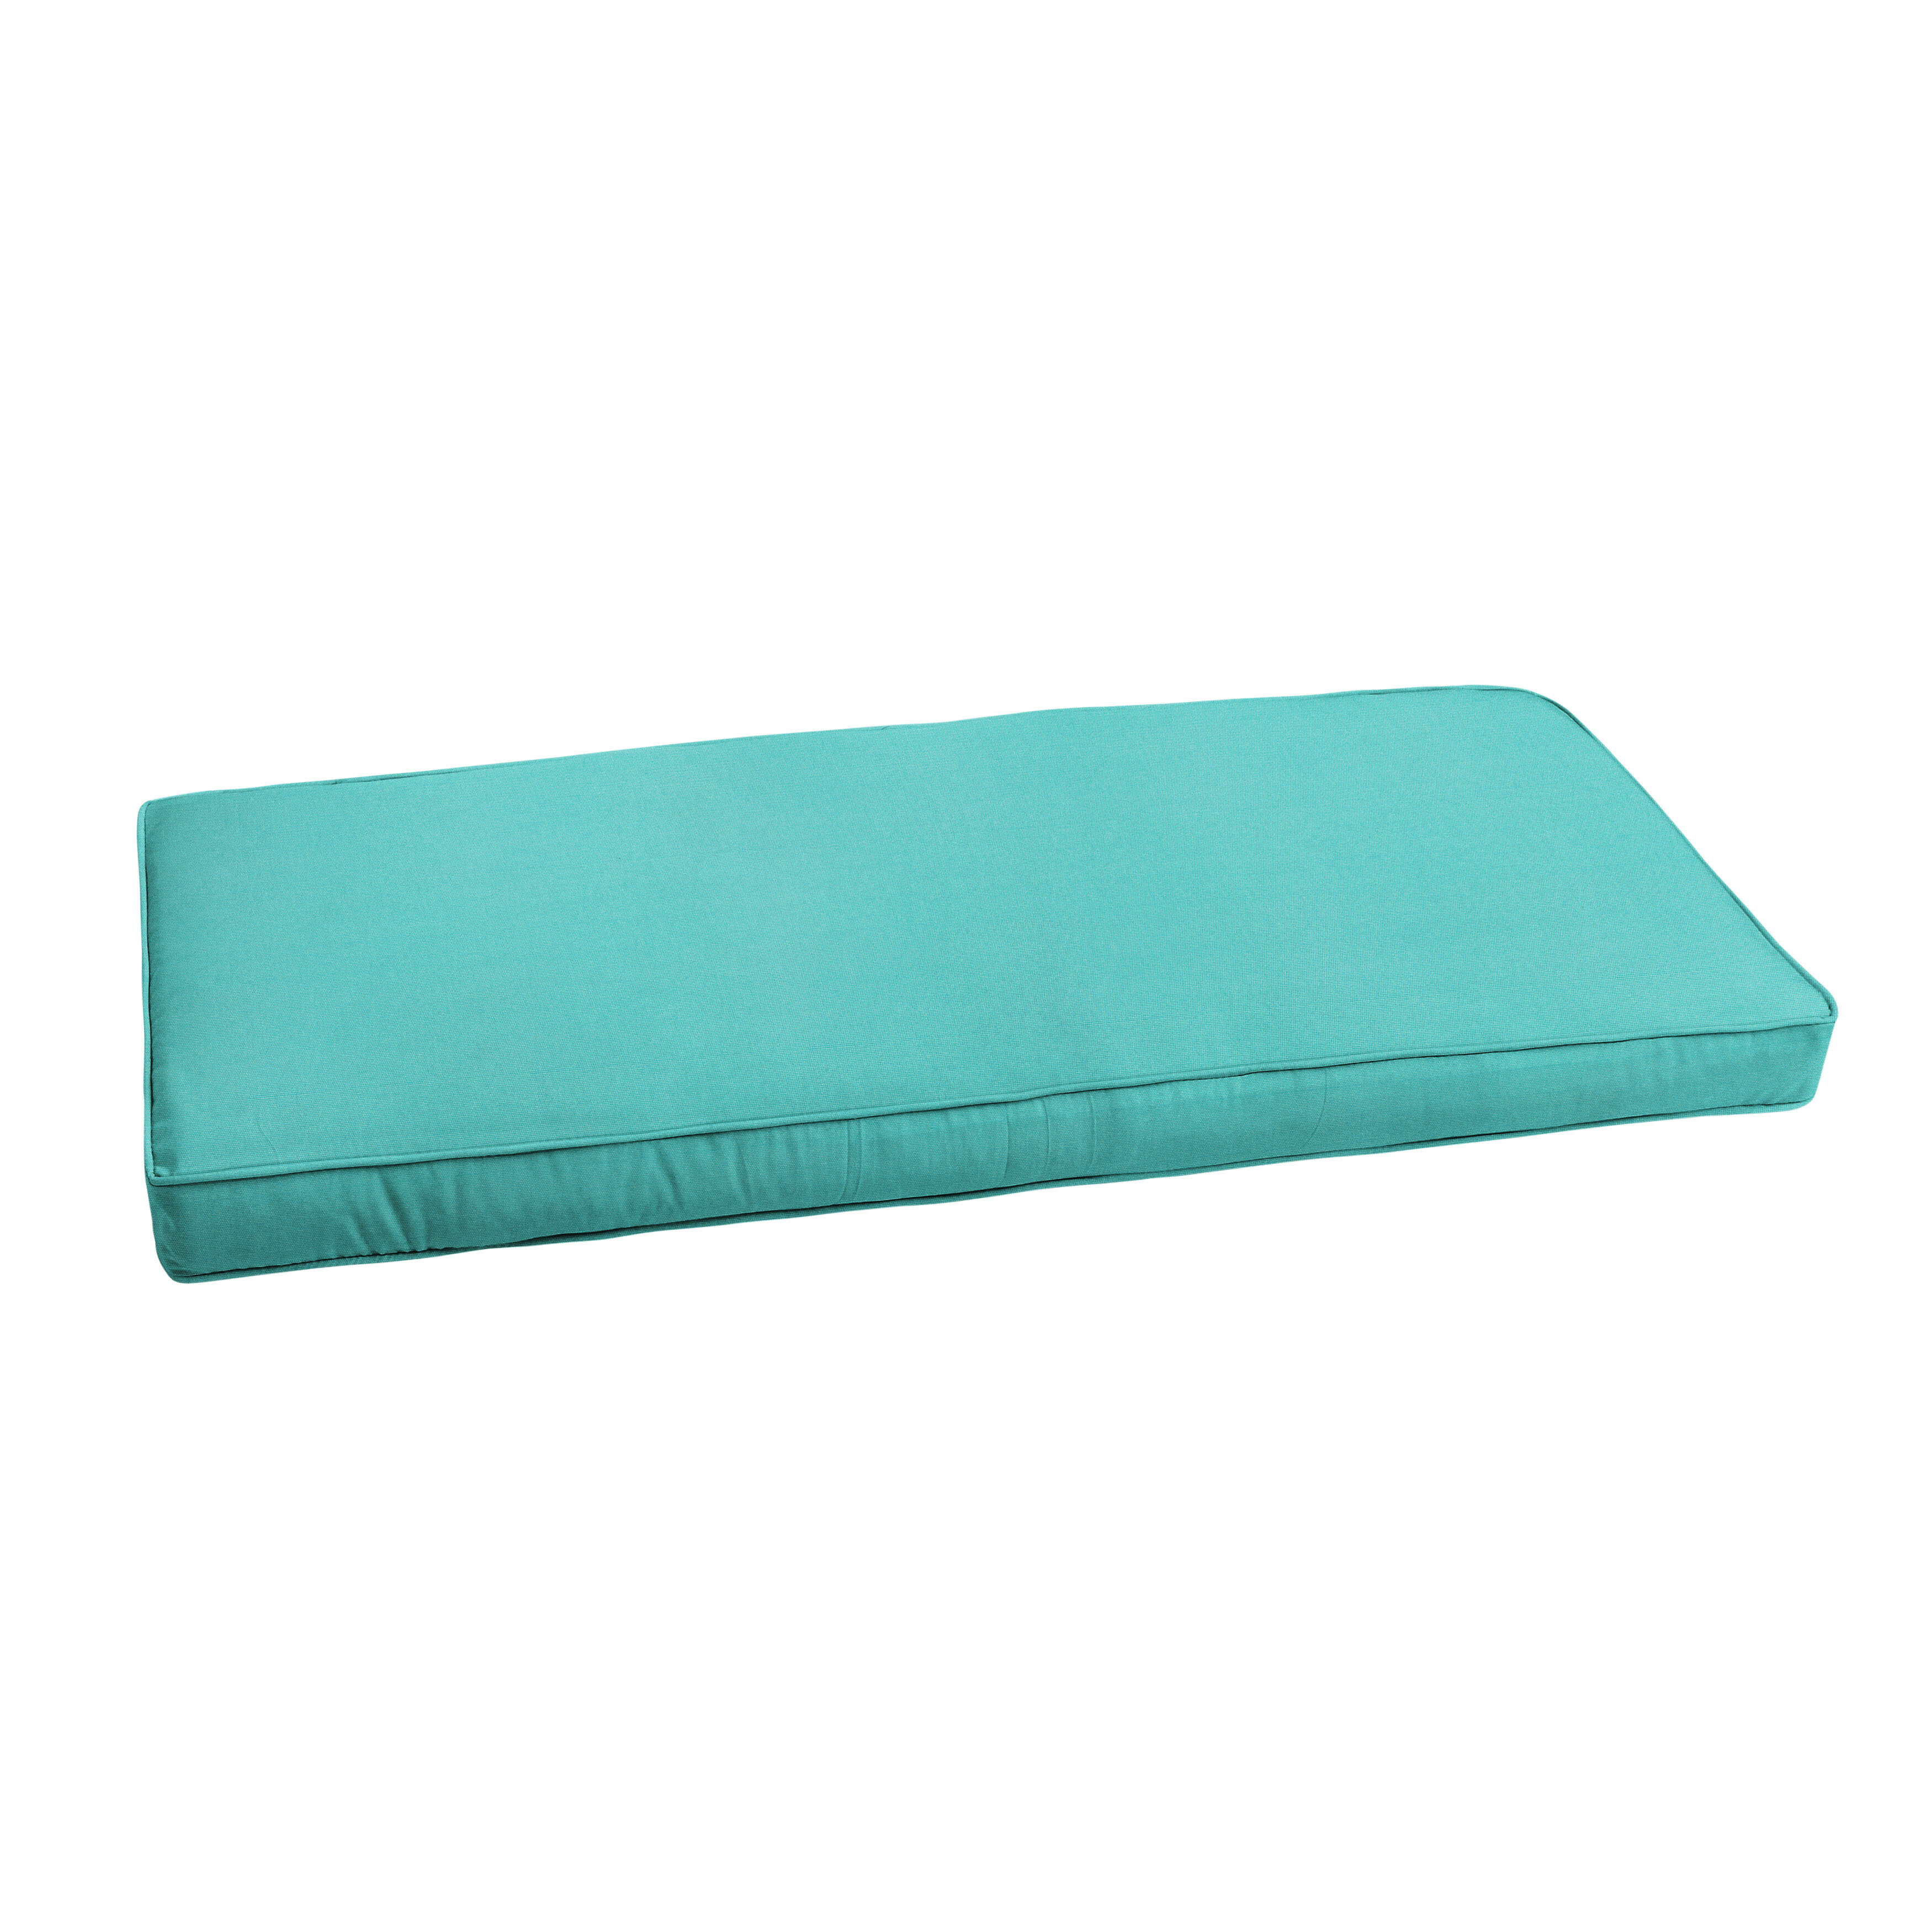 Longshore Tides Sunbrella Bench Cushion Wayfair